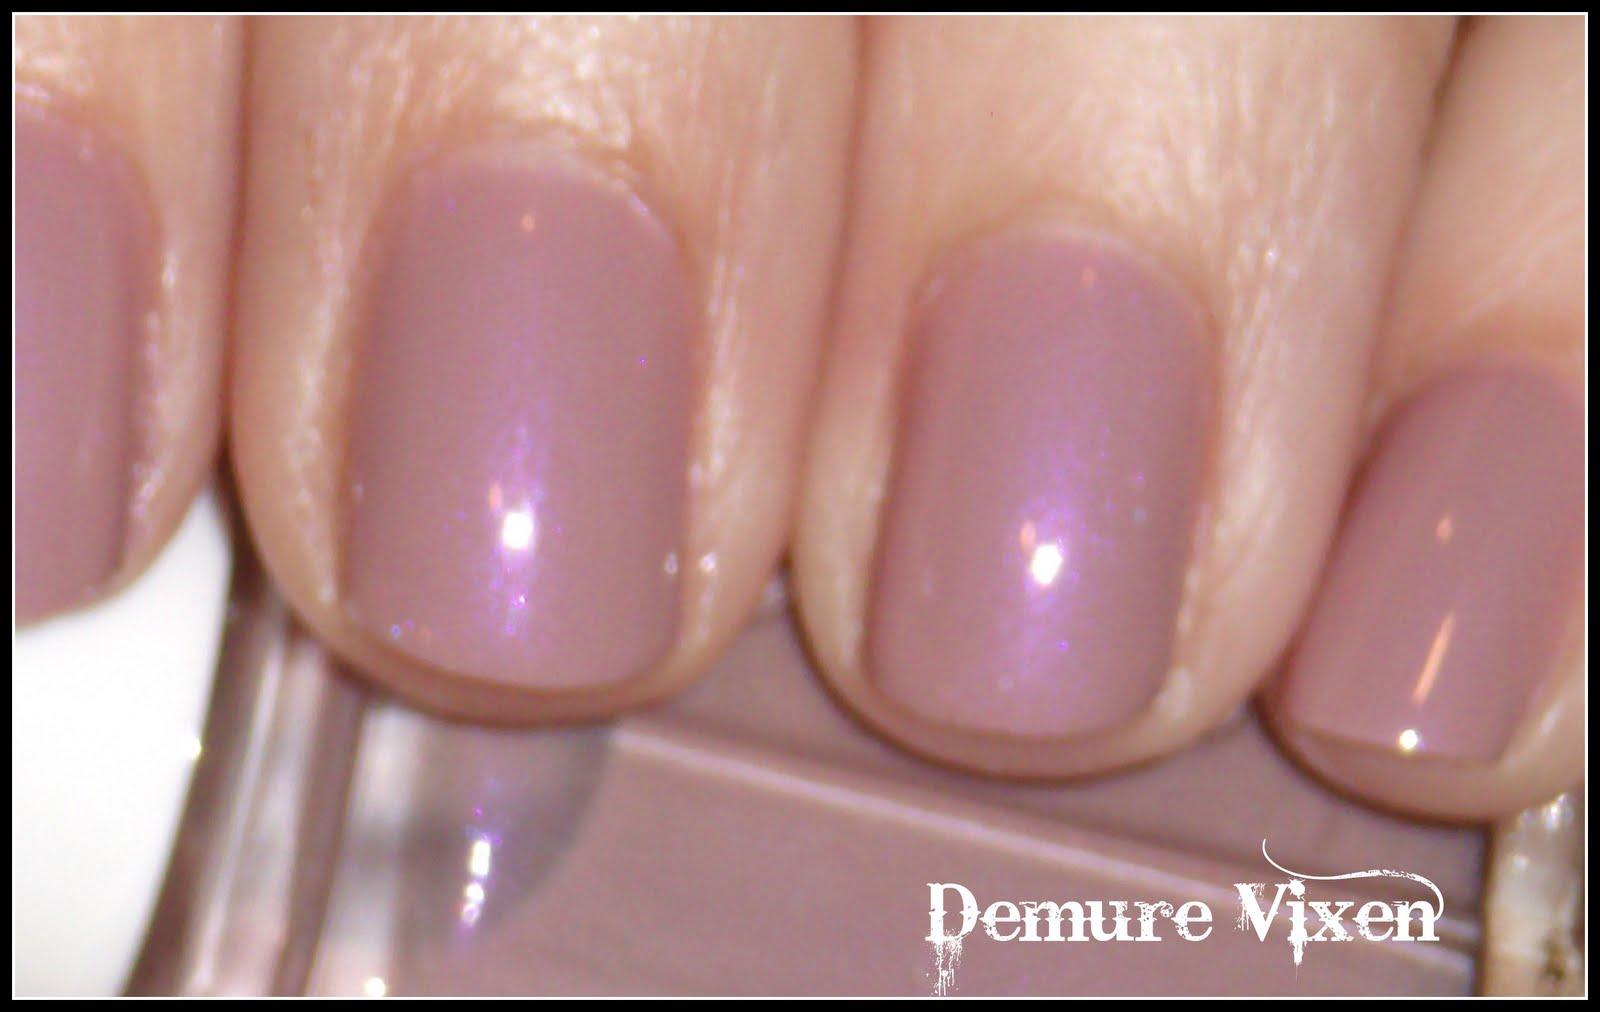 Obsessive Cosmetic Hoarders Unite!: Essie Demure Vixen Pics ...